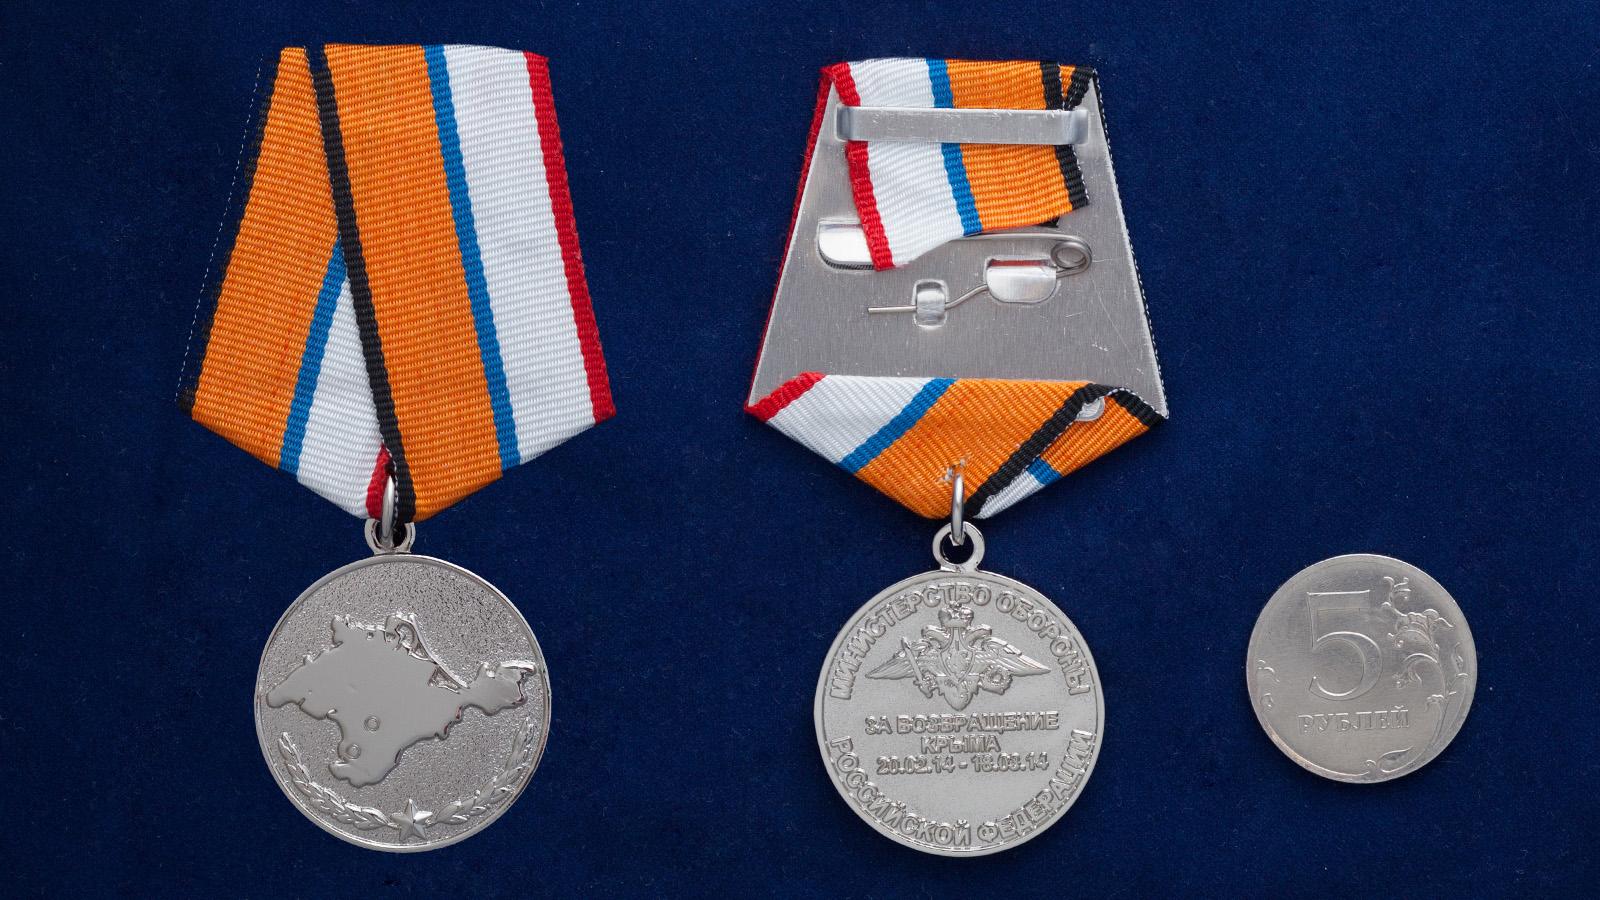 Медаль За возвращение Крыма в футляре с удостоверением - сравнительный вид